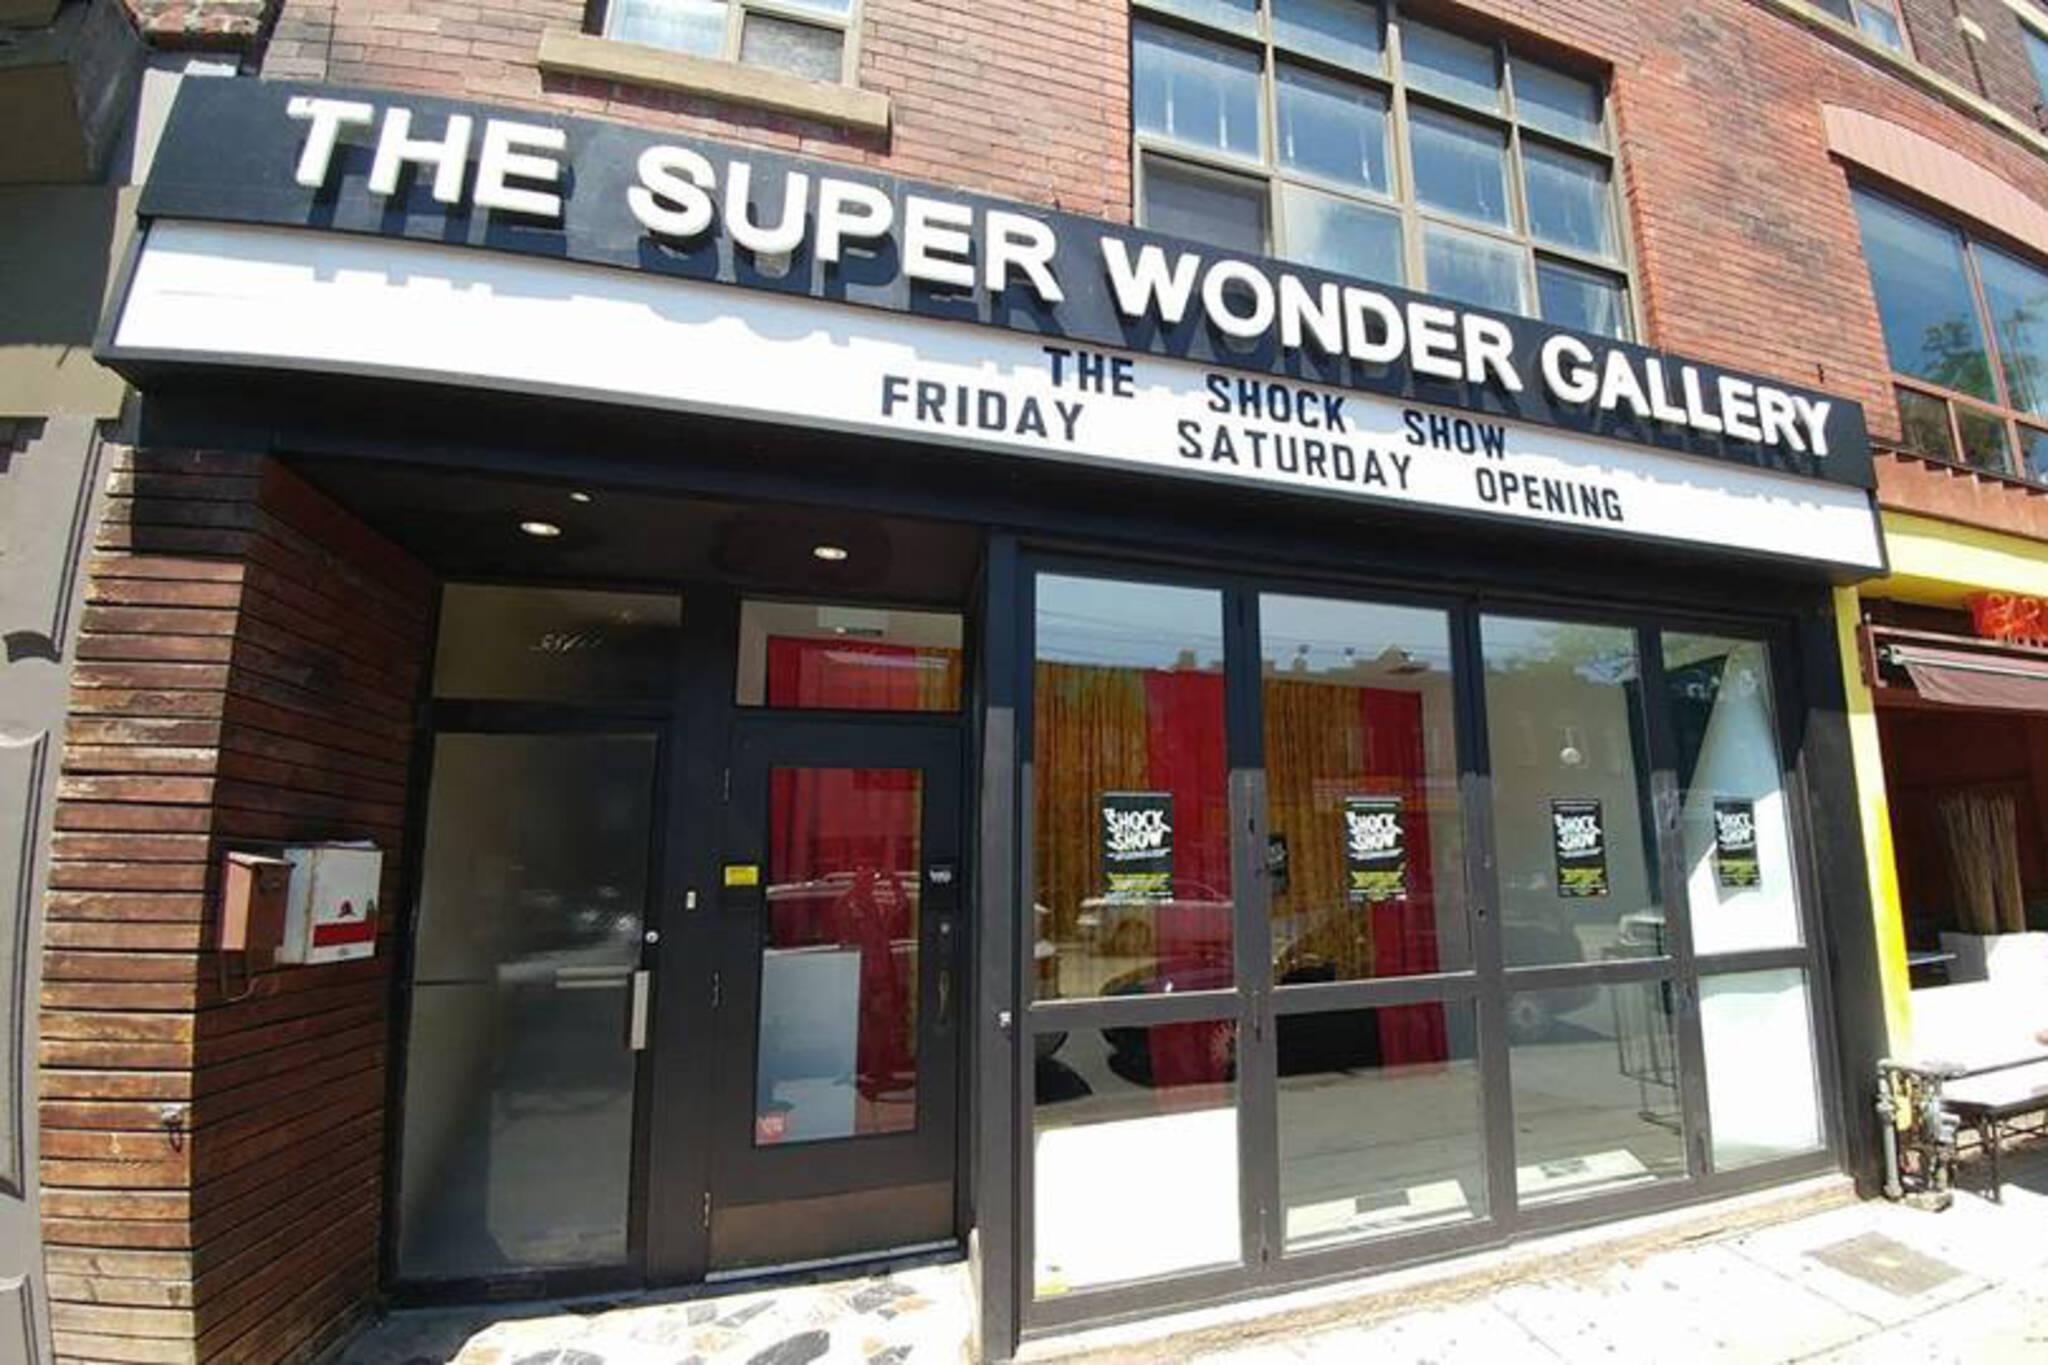 Super Wonder Gallery